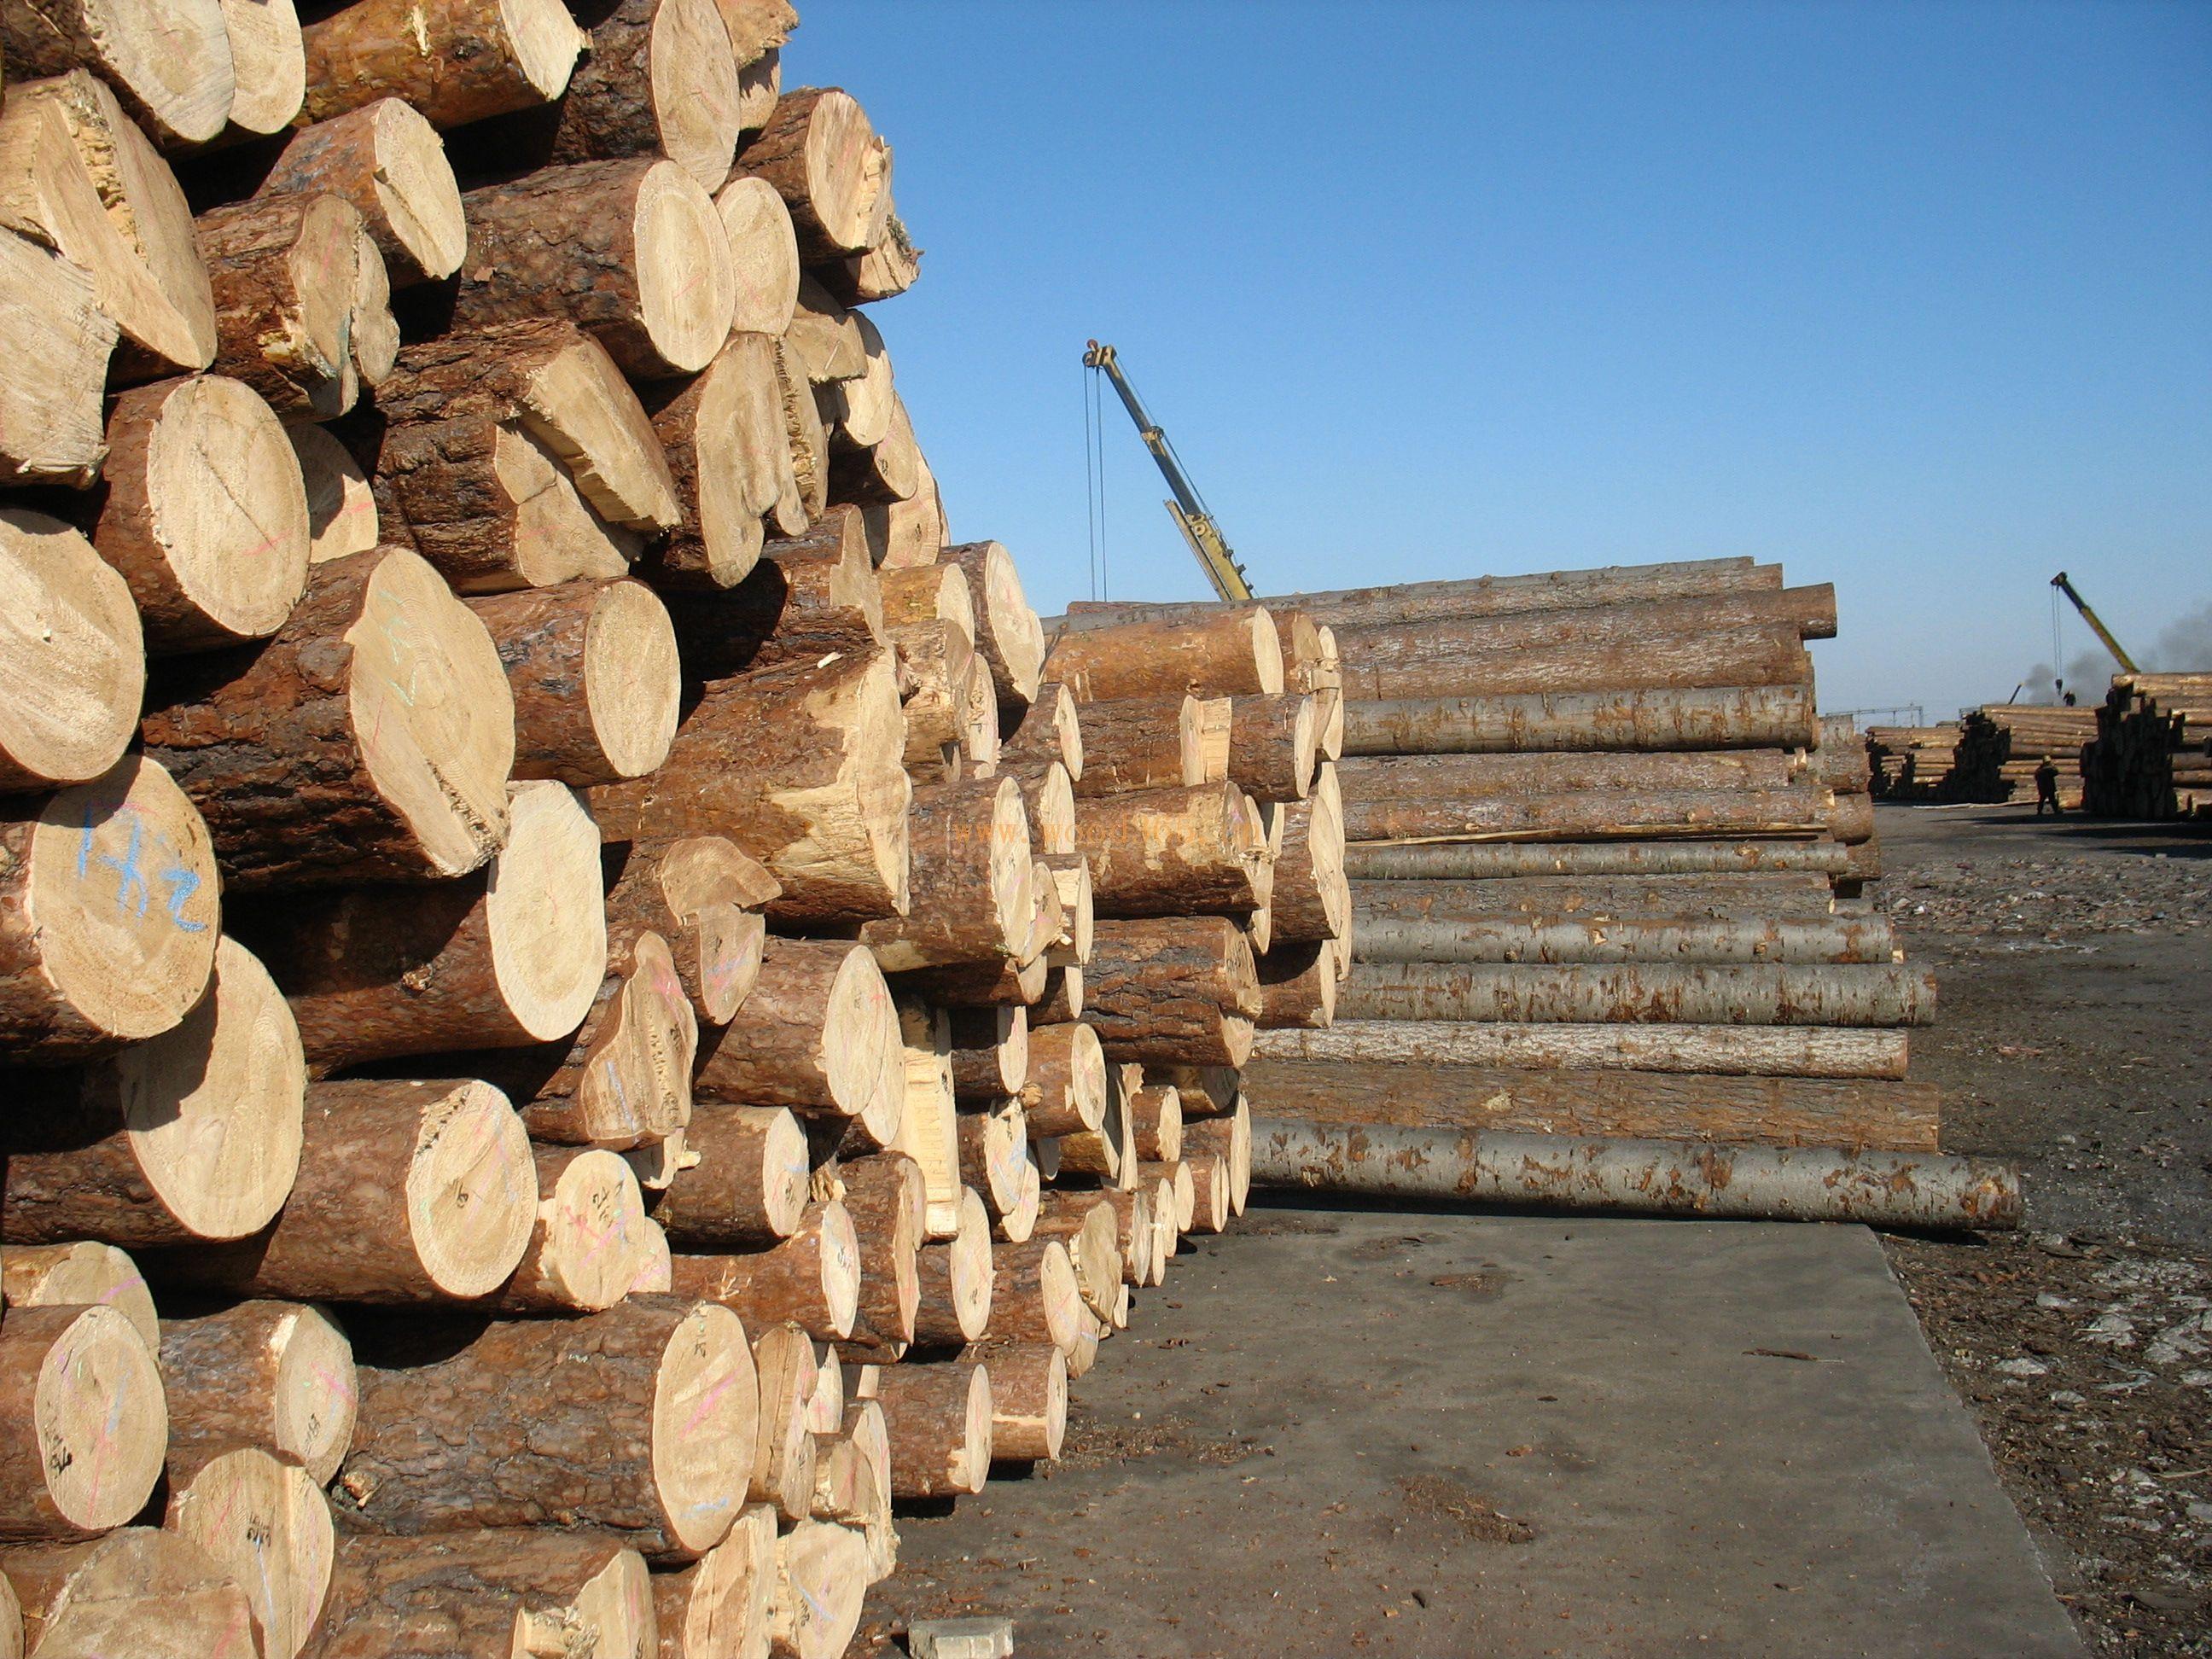 【周评】市场需求缓慢下跌 木材行情步入稳定